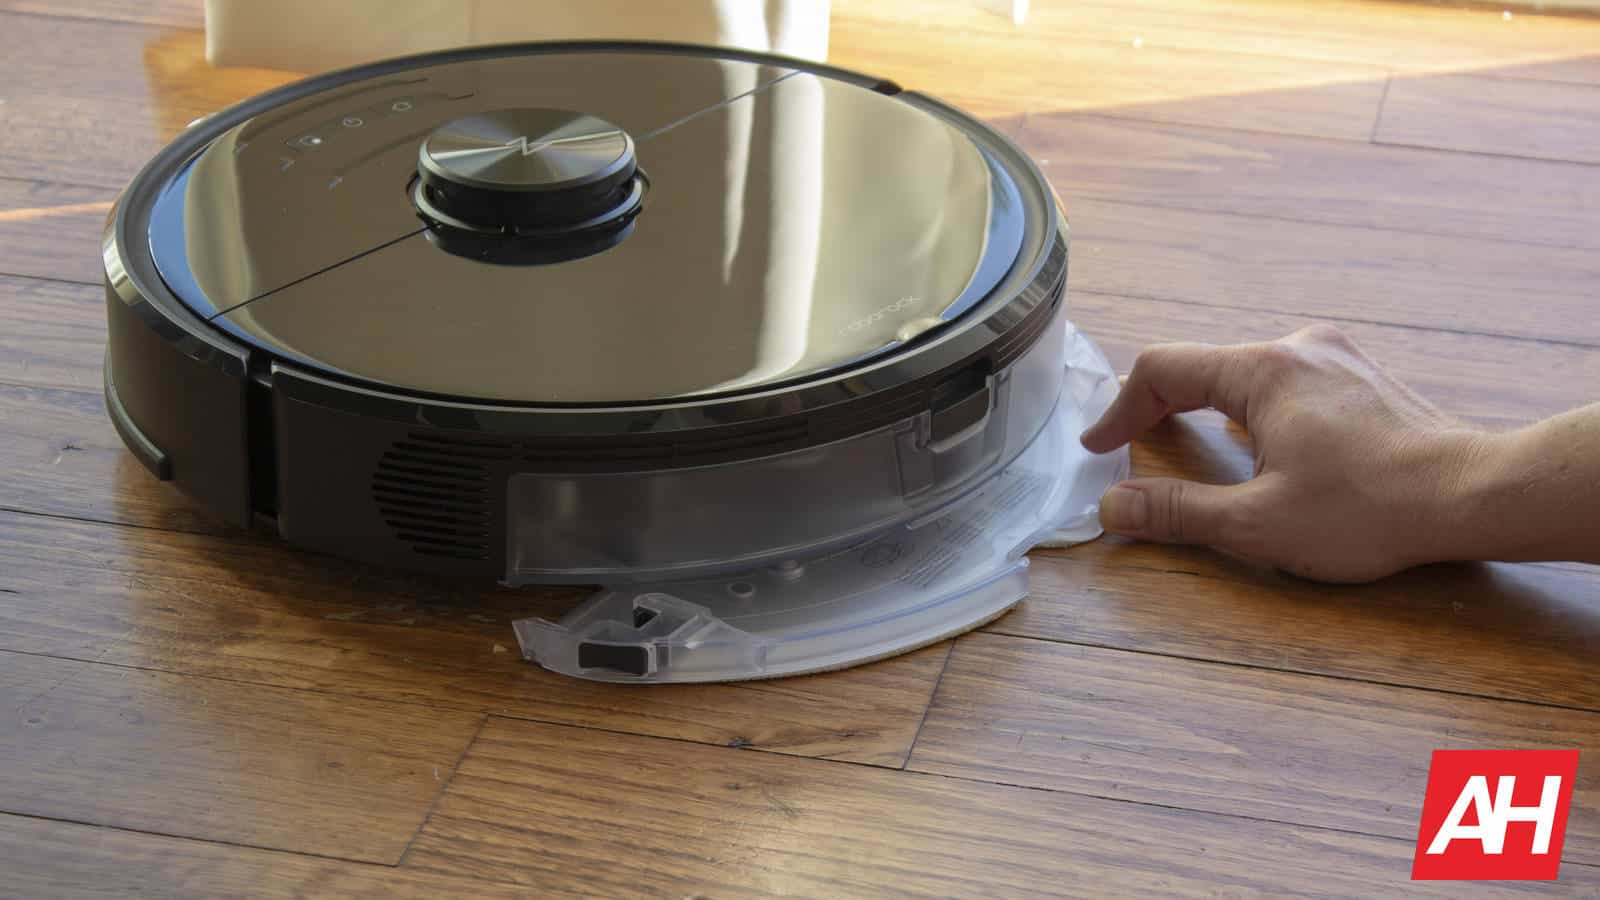 Roborock S6 MaxV mop pad